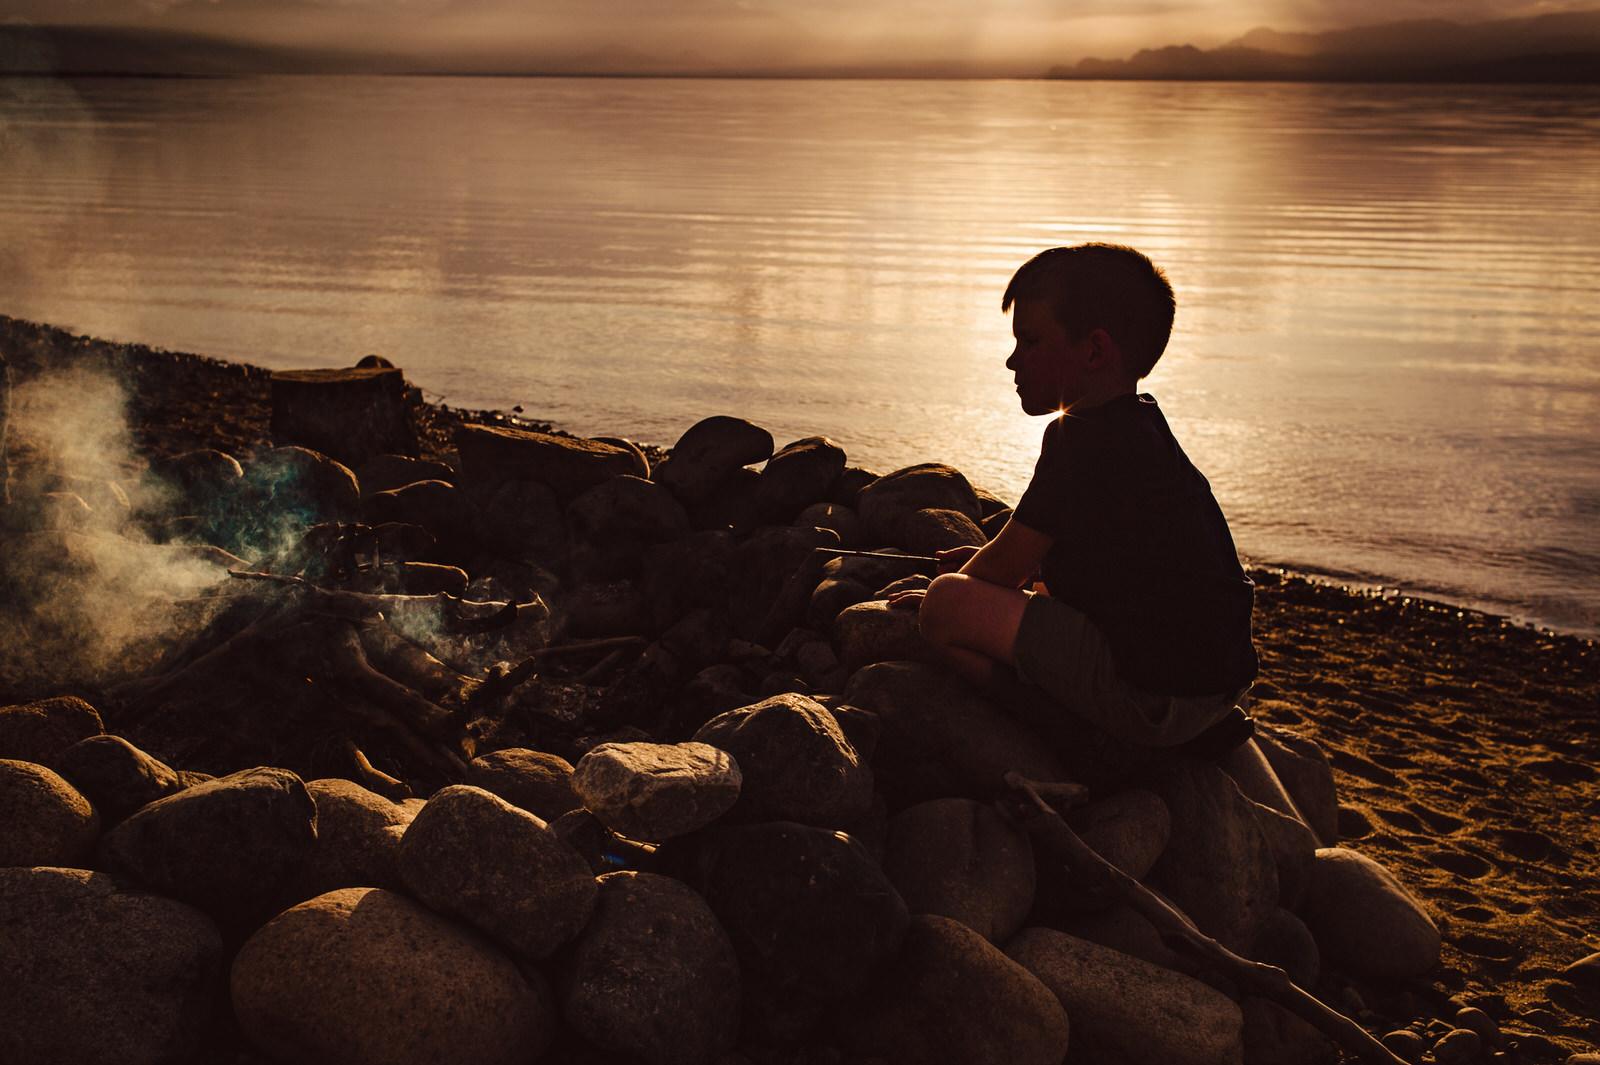 Beluga_lake_alaska_fly_out_fishing_trip (44).jpg